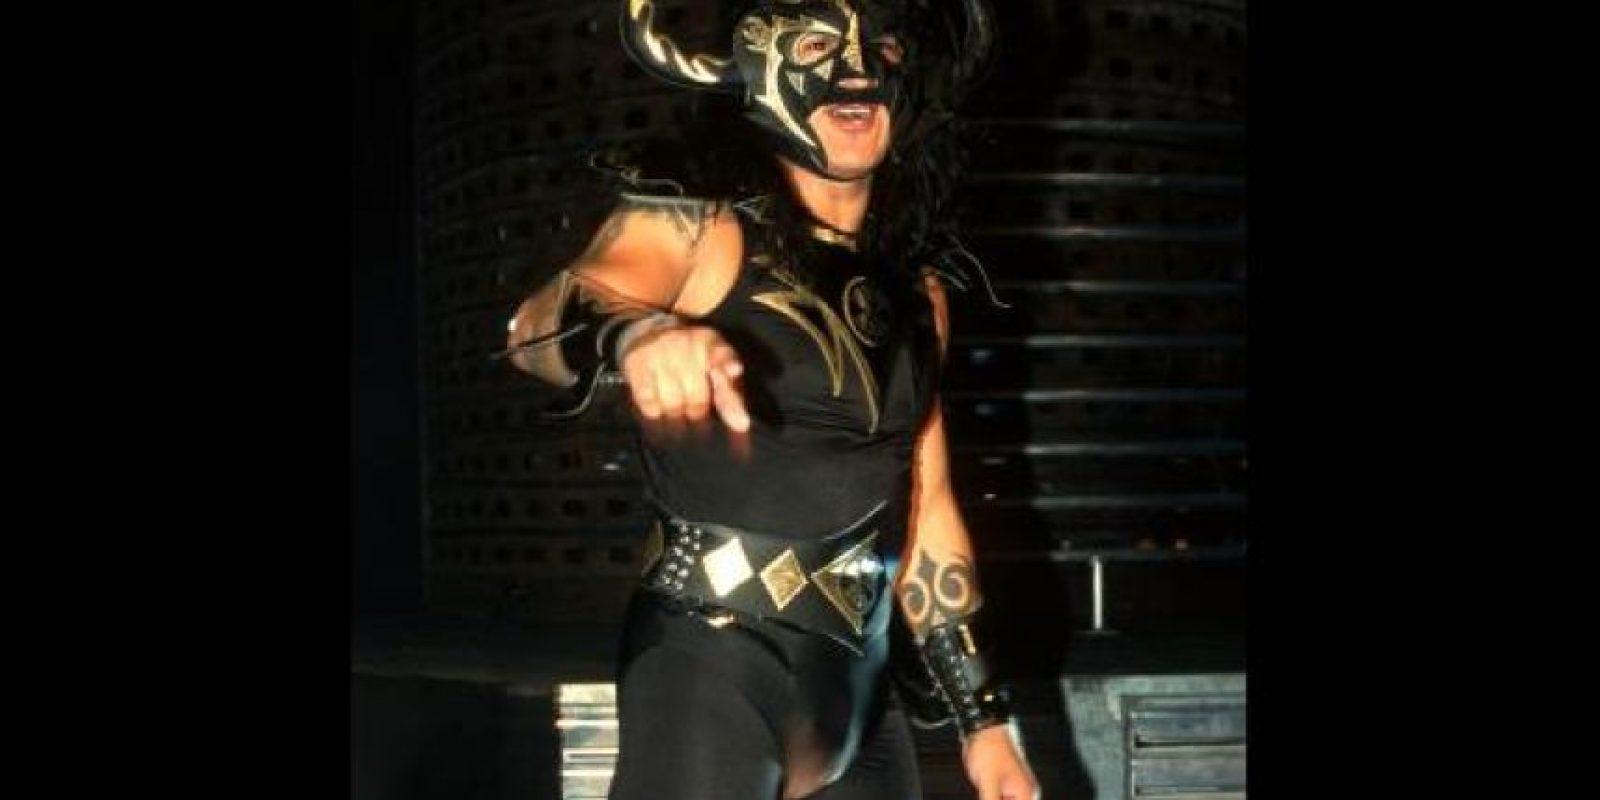 Psicosis. También conocido como Nicho El Millonario, ha peleado en AAA, WWE, ECW y TNA Foto:WWE